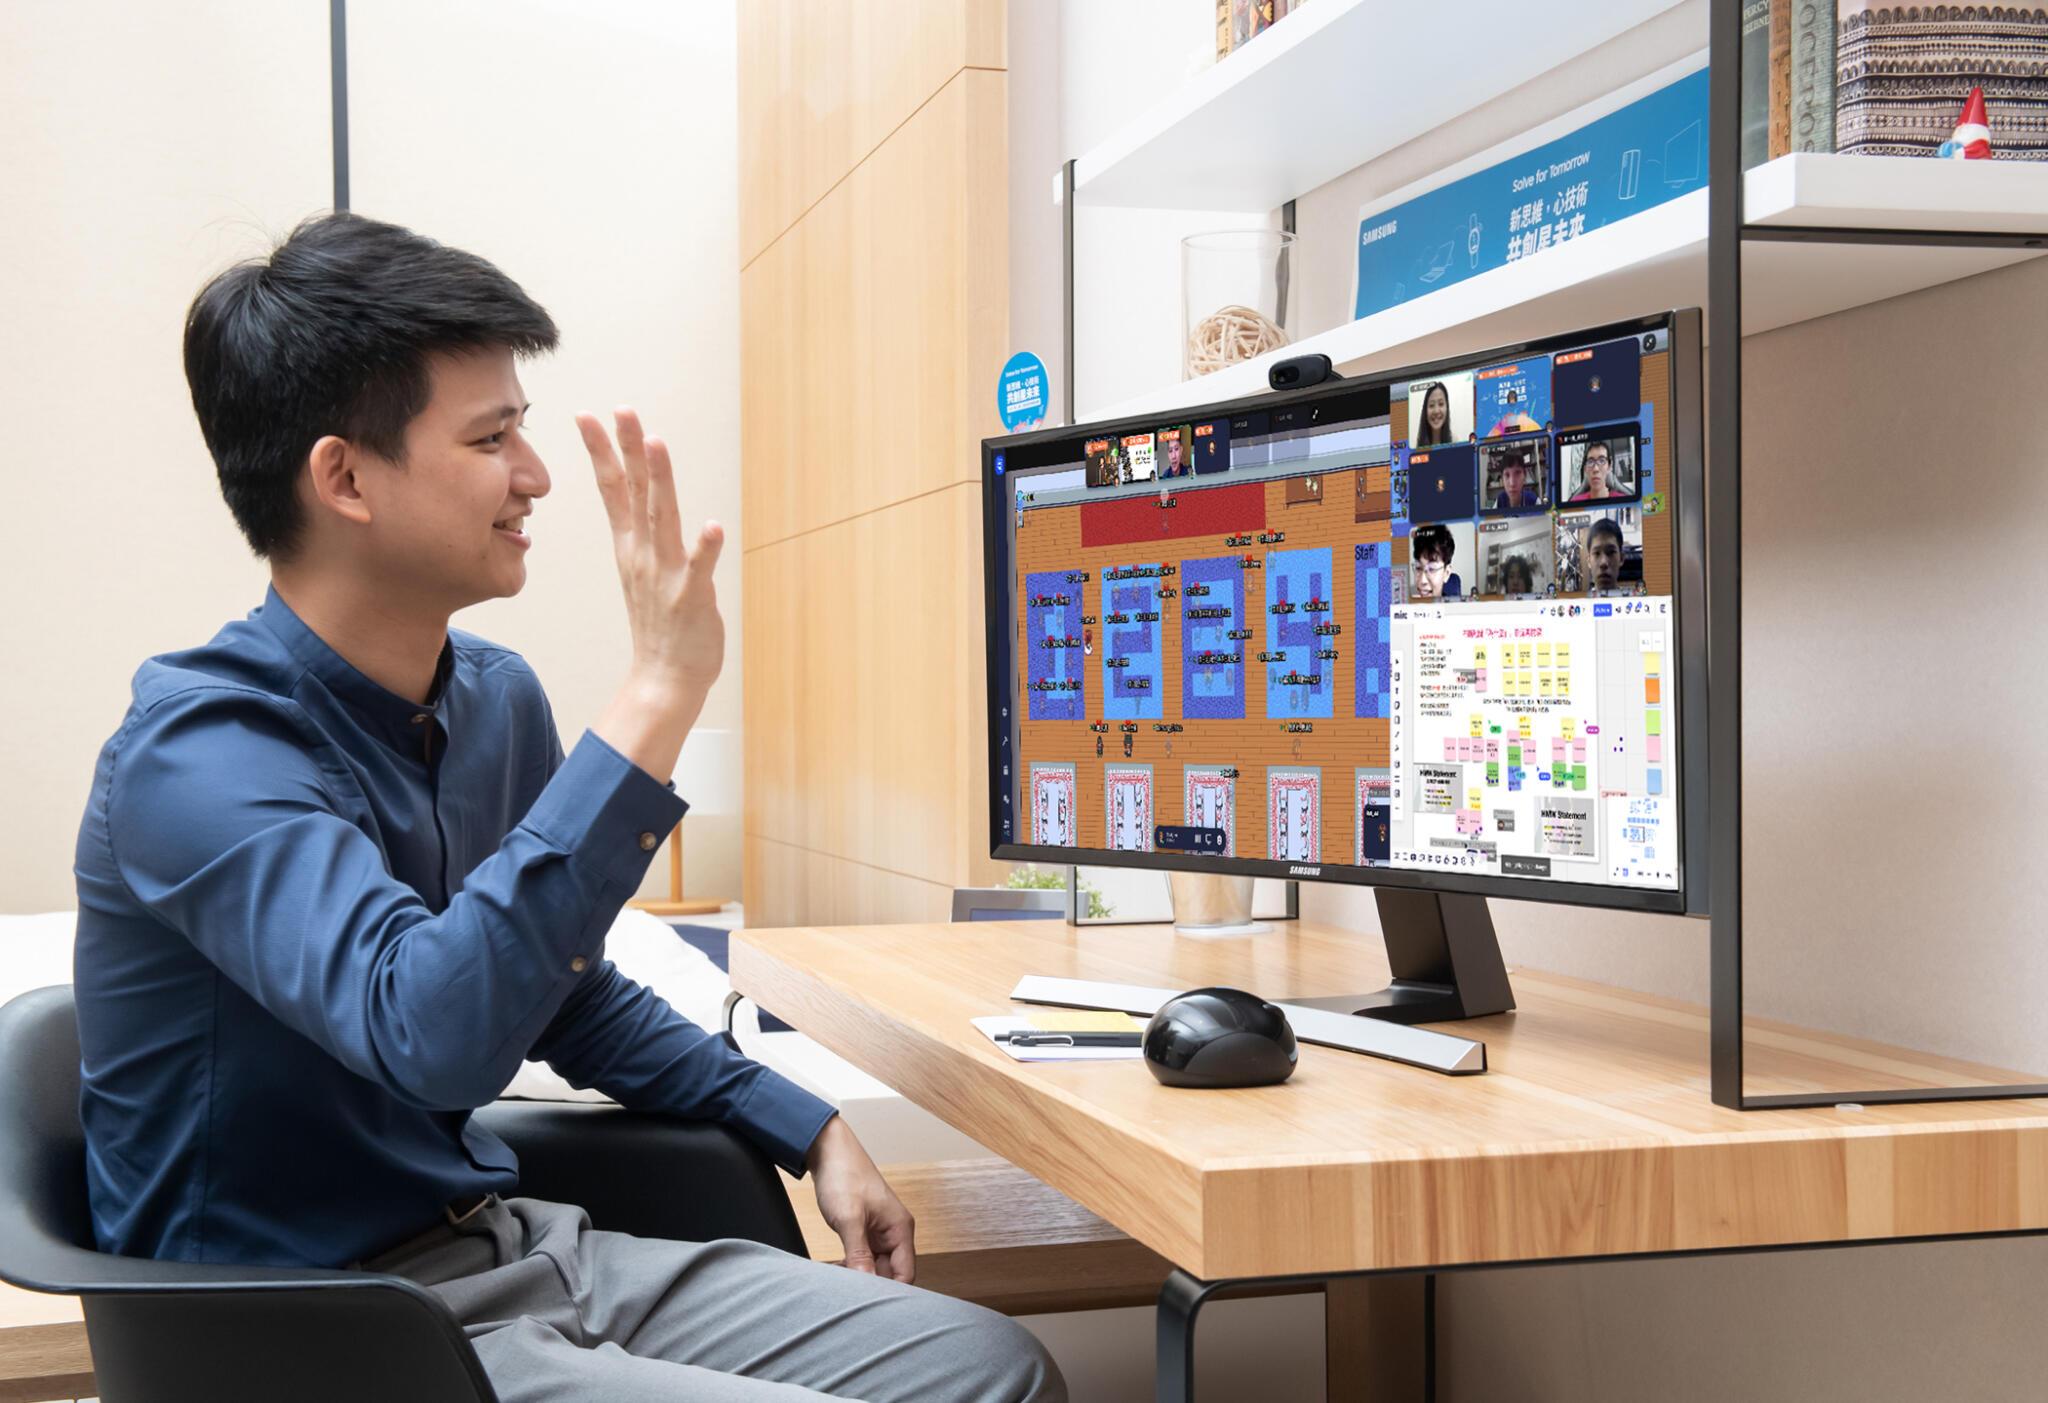 激戰!台灣三星電子「共創星未來」和聯發科技「智在家鄉」邁入競賽新階段